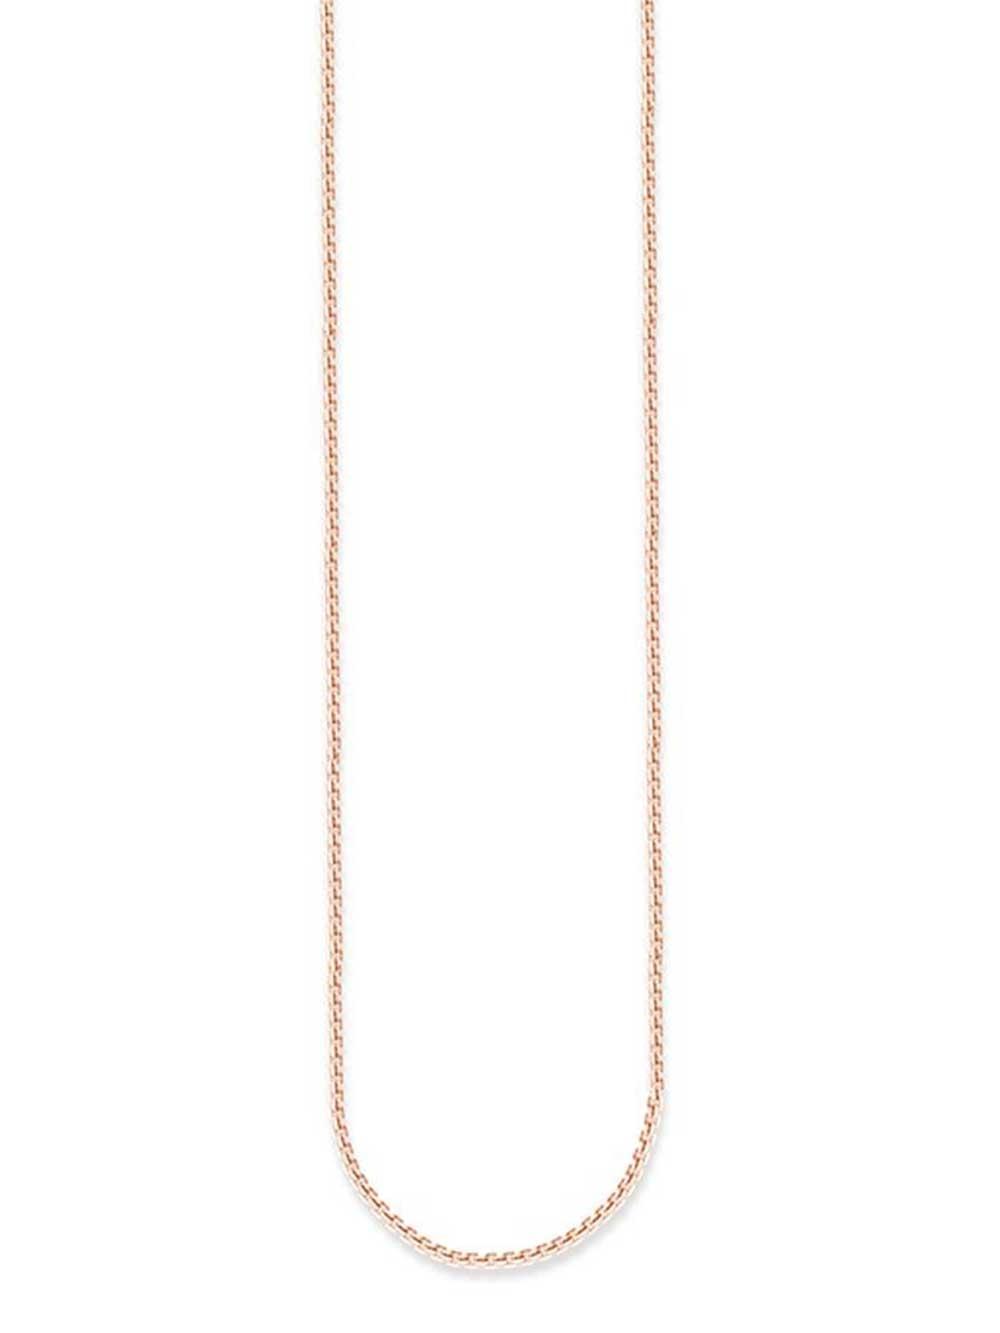 Thomas Sabo Halskette KE1106-415-12-L50v 925er 50cm